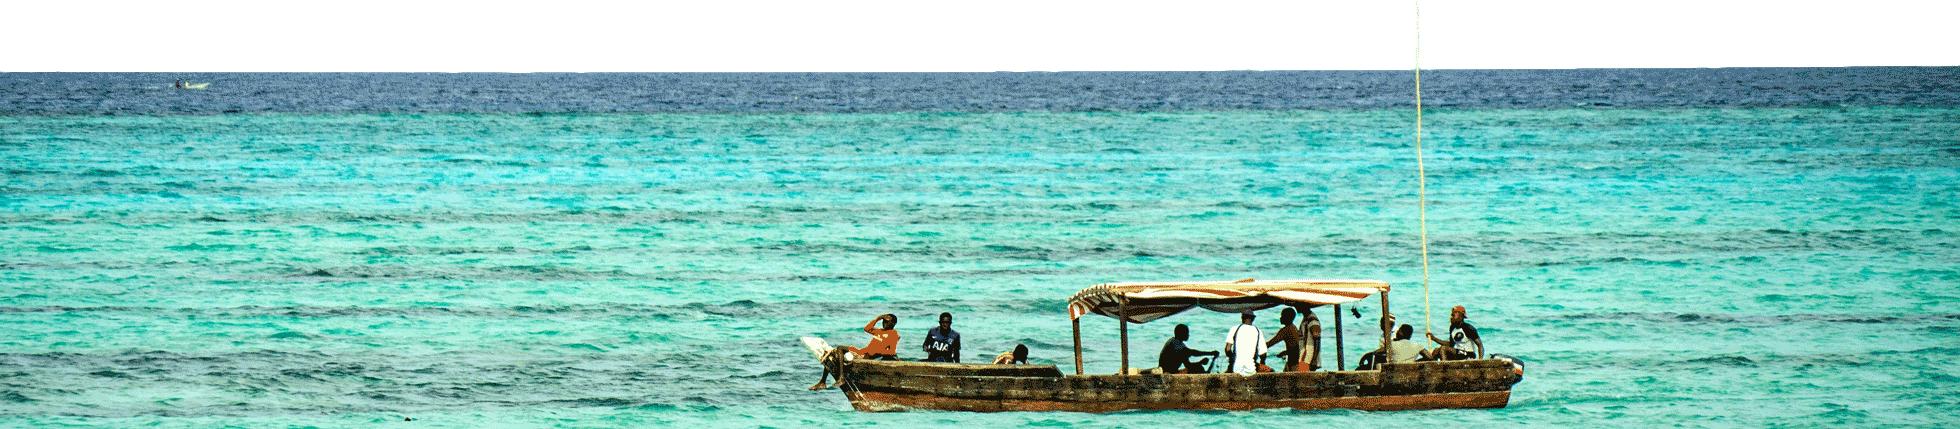 Voyage Tanzanie Zanzibar